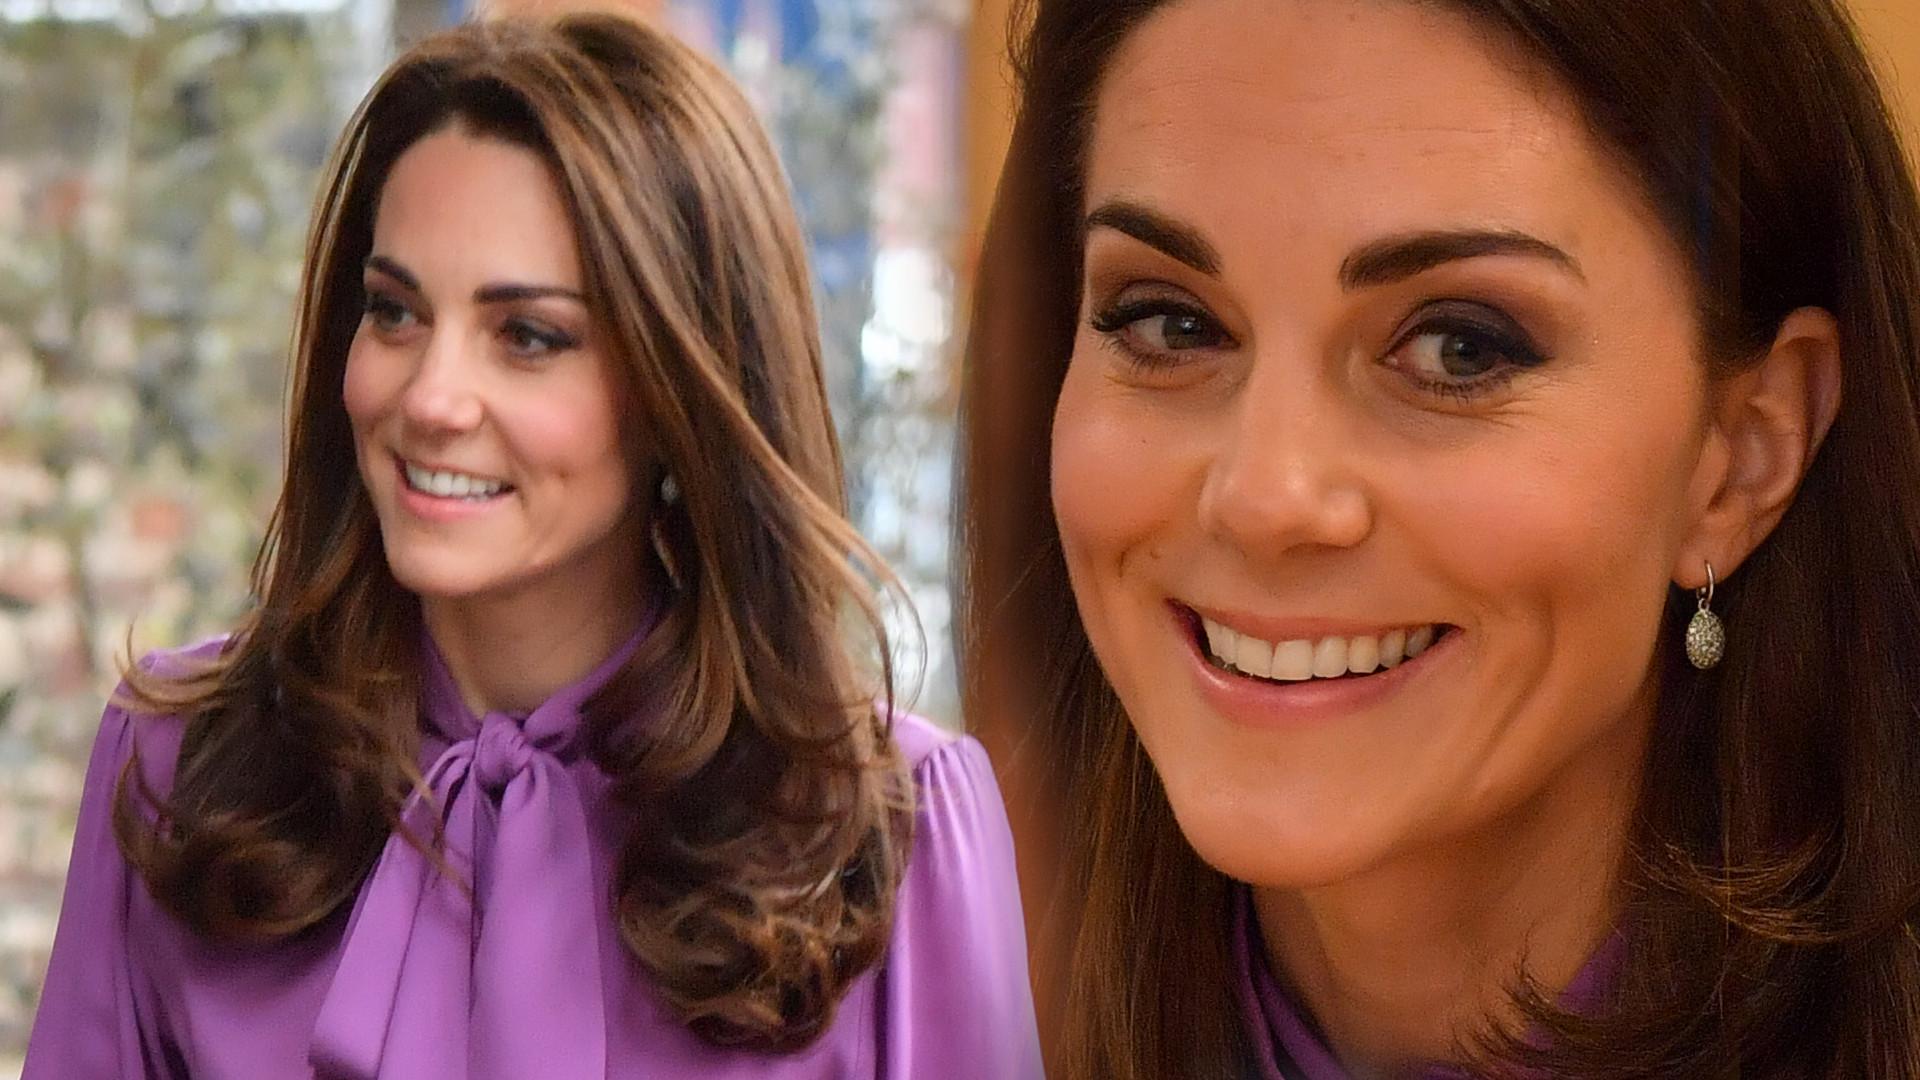 Kate Middleton w spodniach, które NIEZIEMSKO wydłużyły jej nogi (ZDJĘCIA)